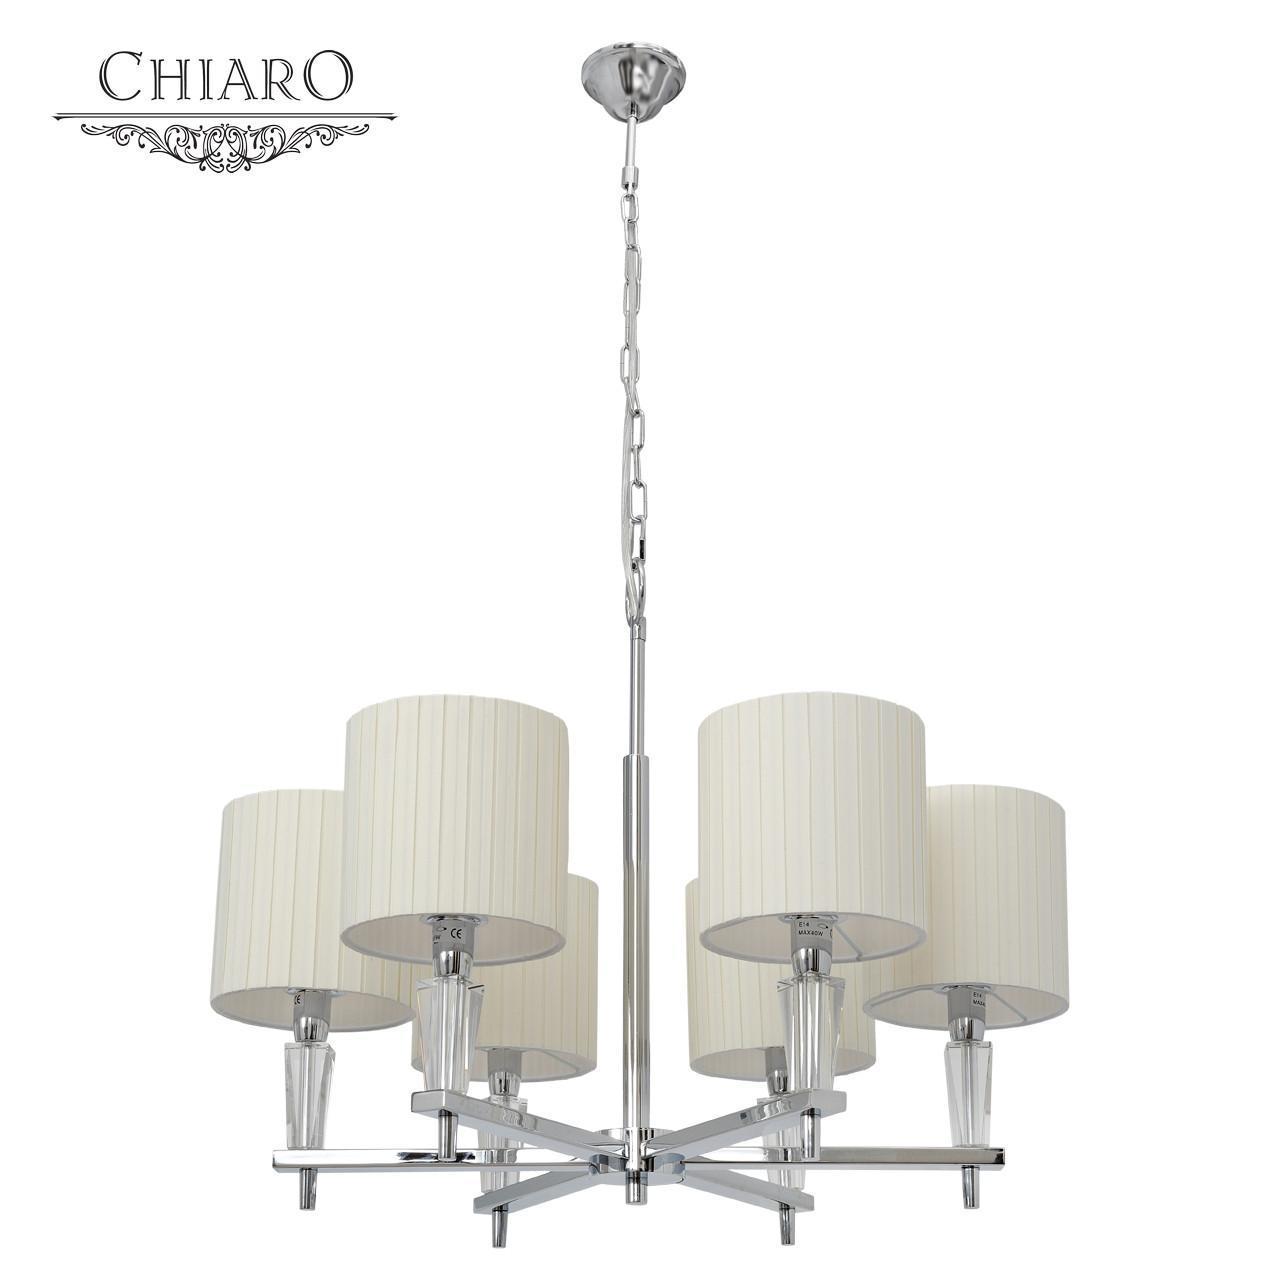 Люстра Chiaro Инесса 460010706 подвесная chiaro подвесная люстра chiaro инесса 460010806